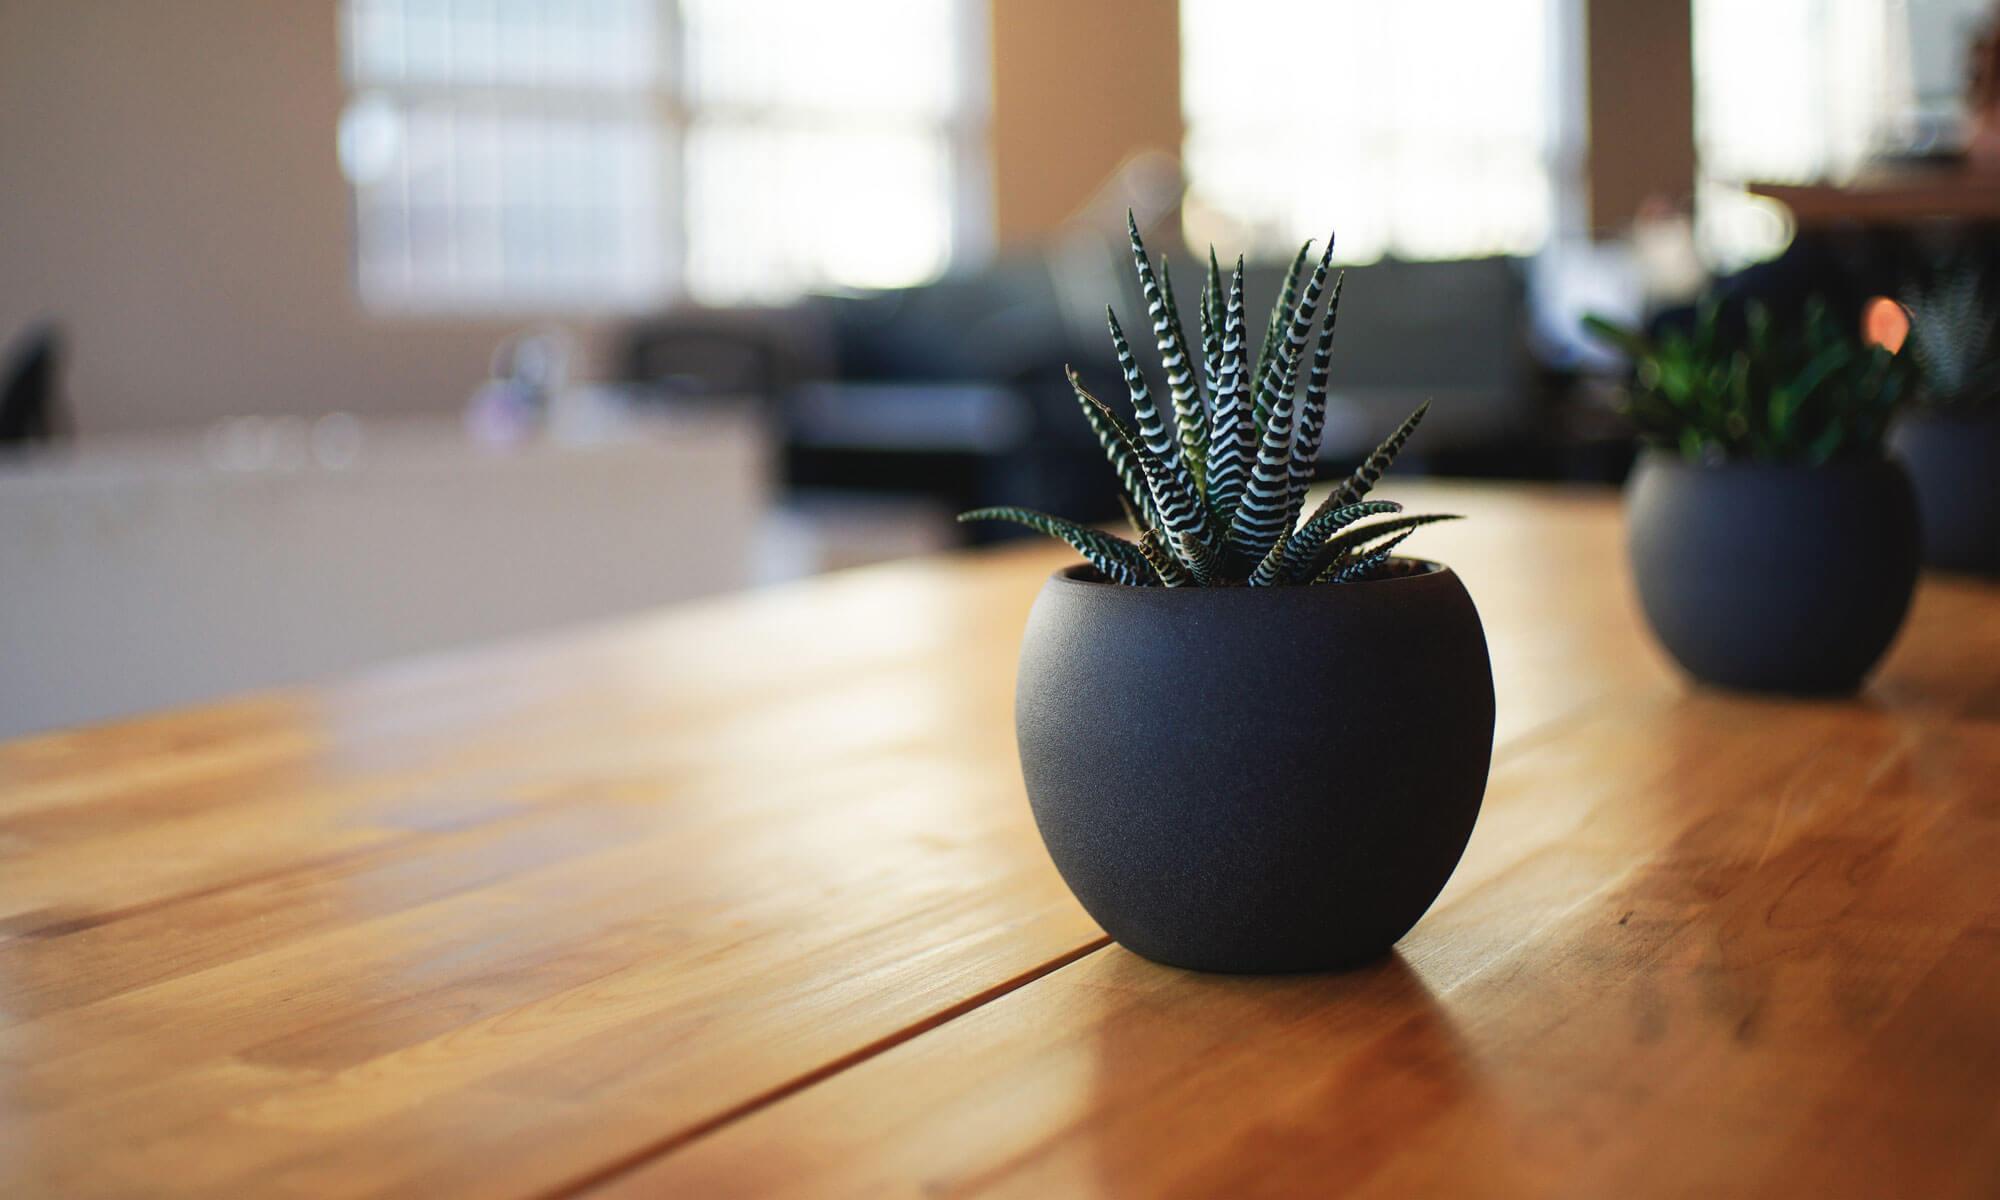 hoodedcactus